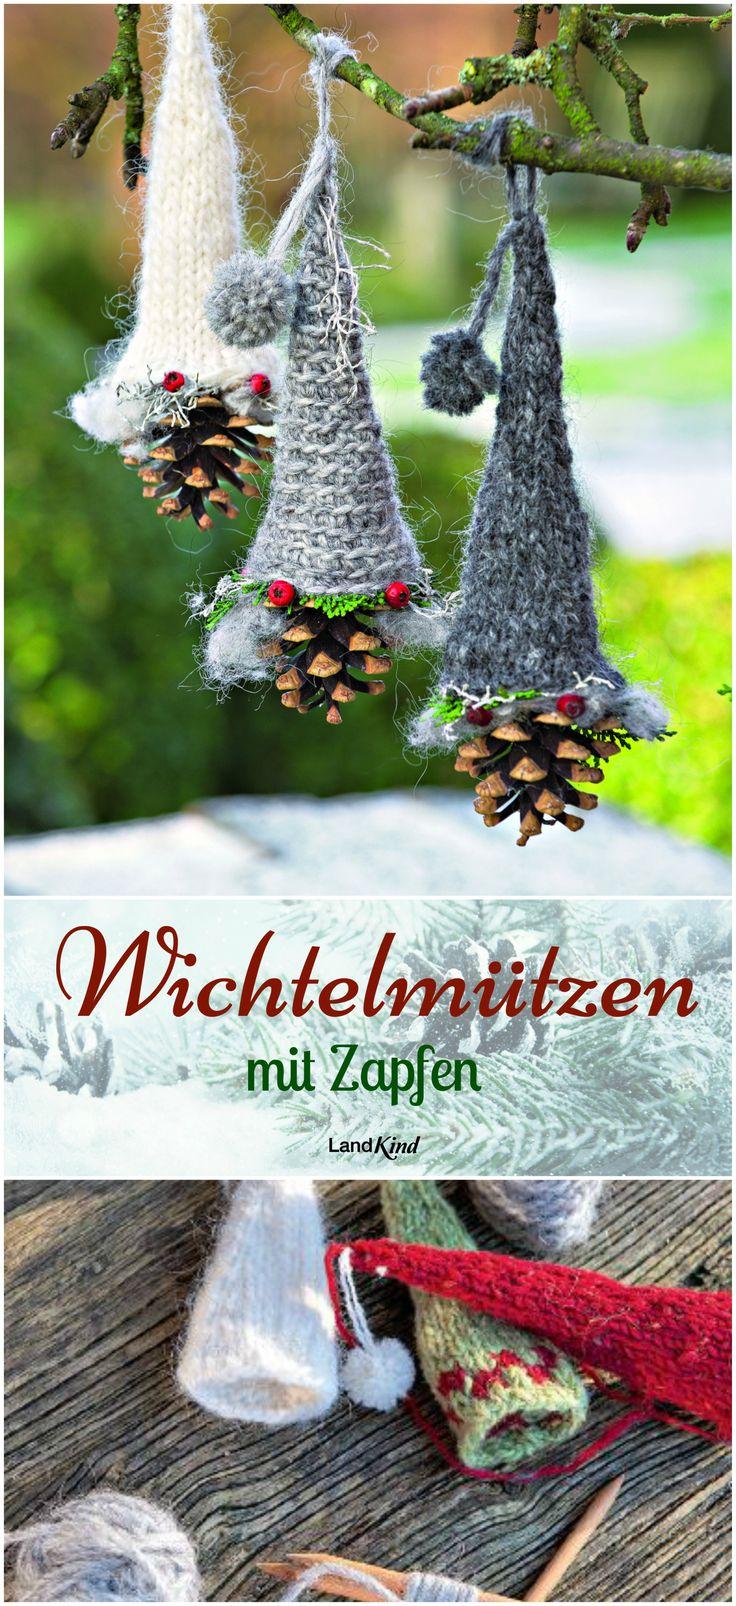 Was tun mit den vielen Zapfen, die die Kinder nach Hause bringen? Ganz einfach: an den Weihnachtsbaum hängen! Mit Strickmützen, Geweih oder anderem Schmuck sehen sie richtig niedlich aus. +++ Die Strickanleitung für die süßen Zipfelmützen gibt's im LandKind-Magazin +++